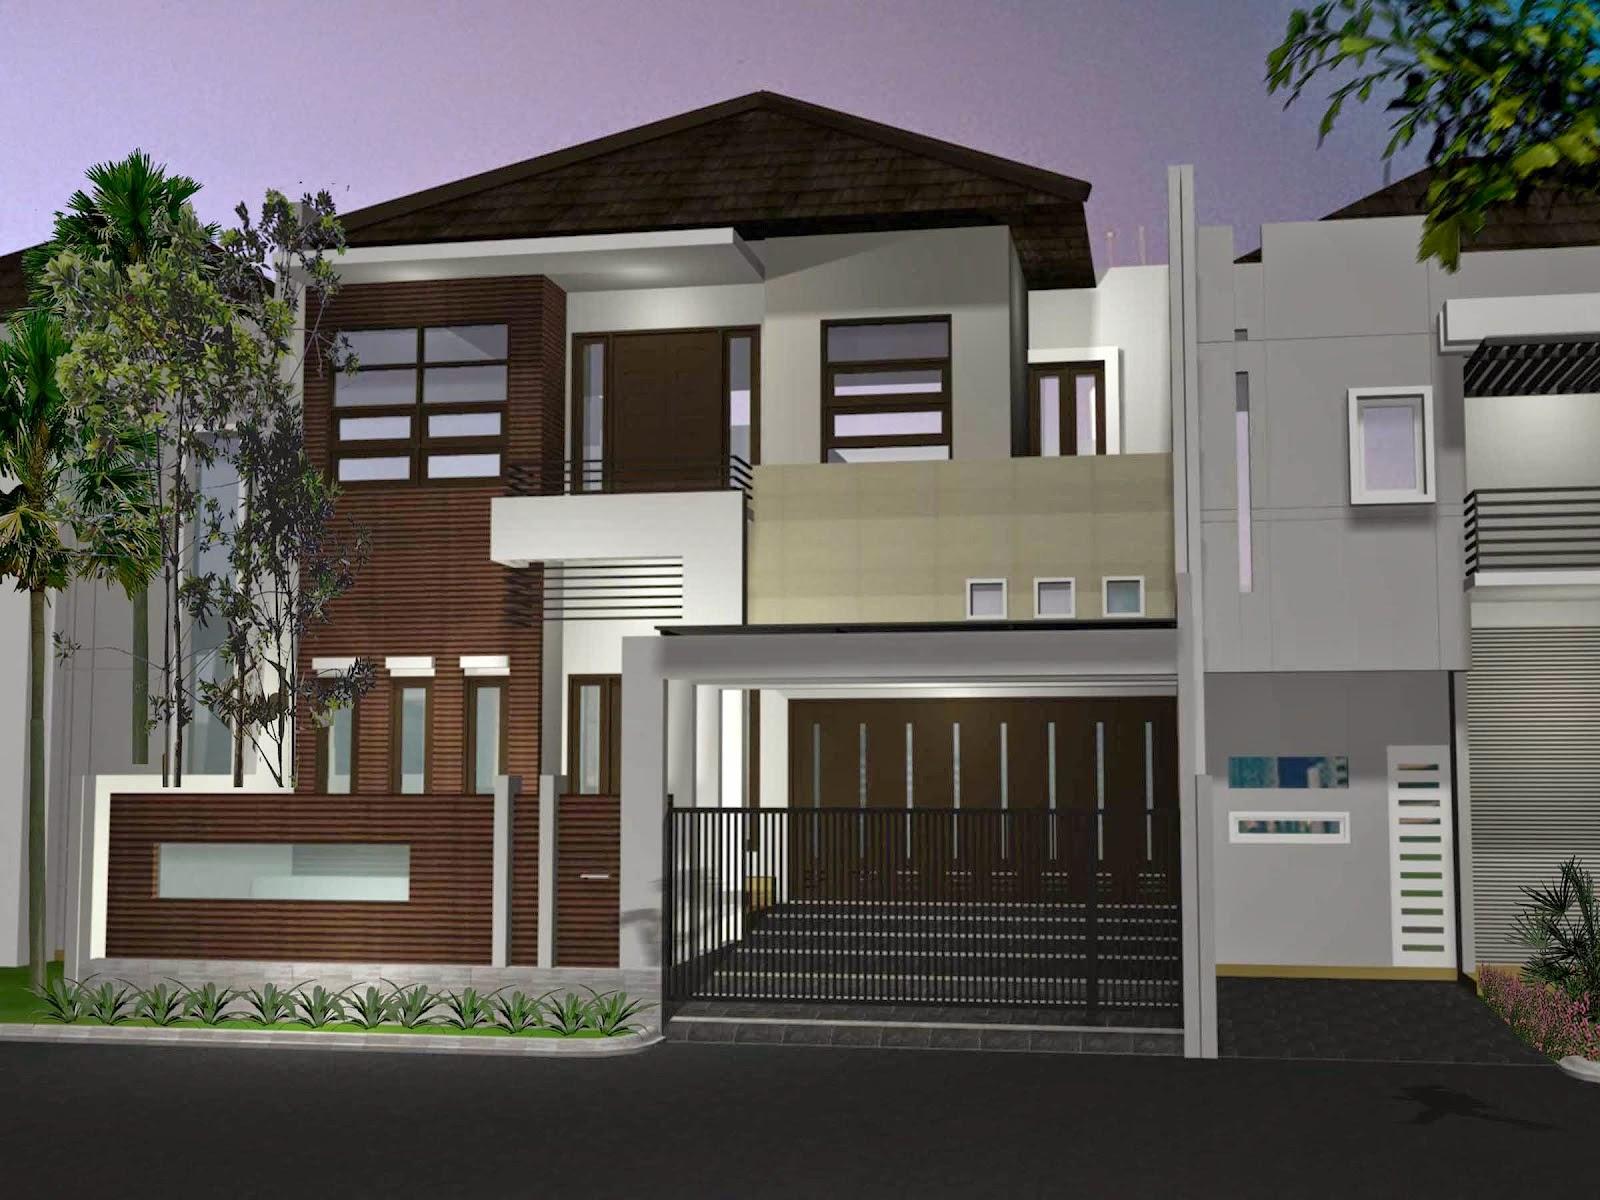 Desain Rumah Minimalis 2 Lantai Type 150 - Gambar Foto ...